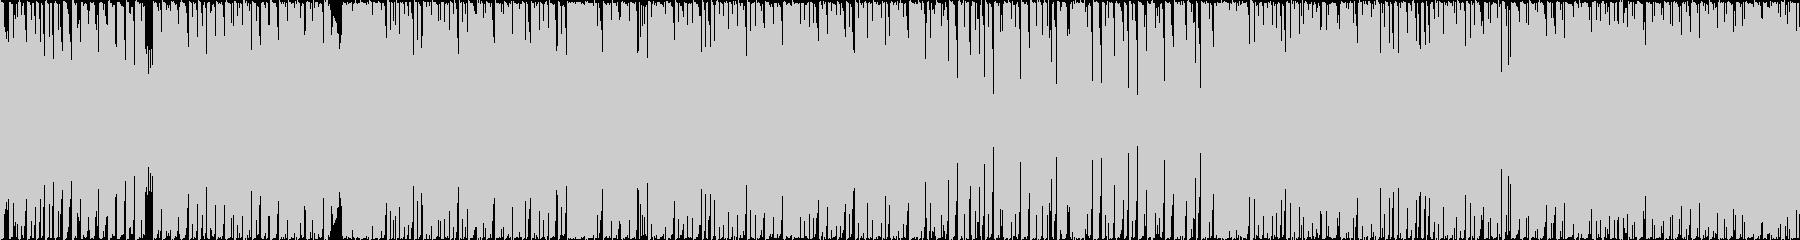 かわいいウィリアムテル序曲テクノポップの未再生の波形